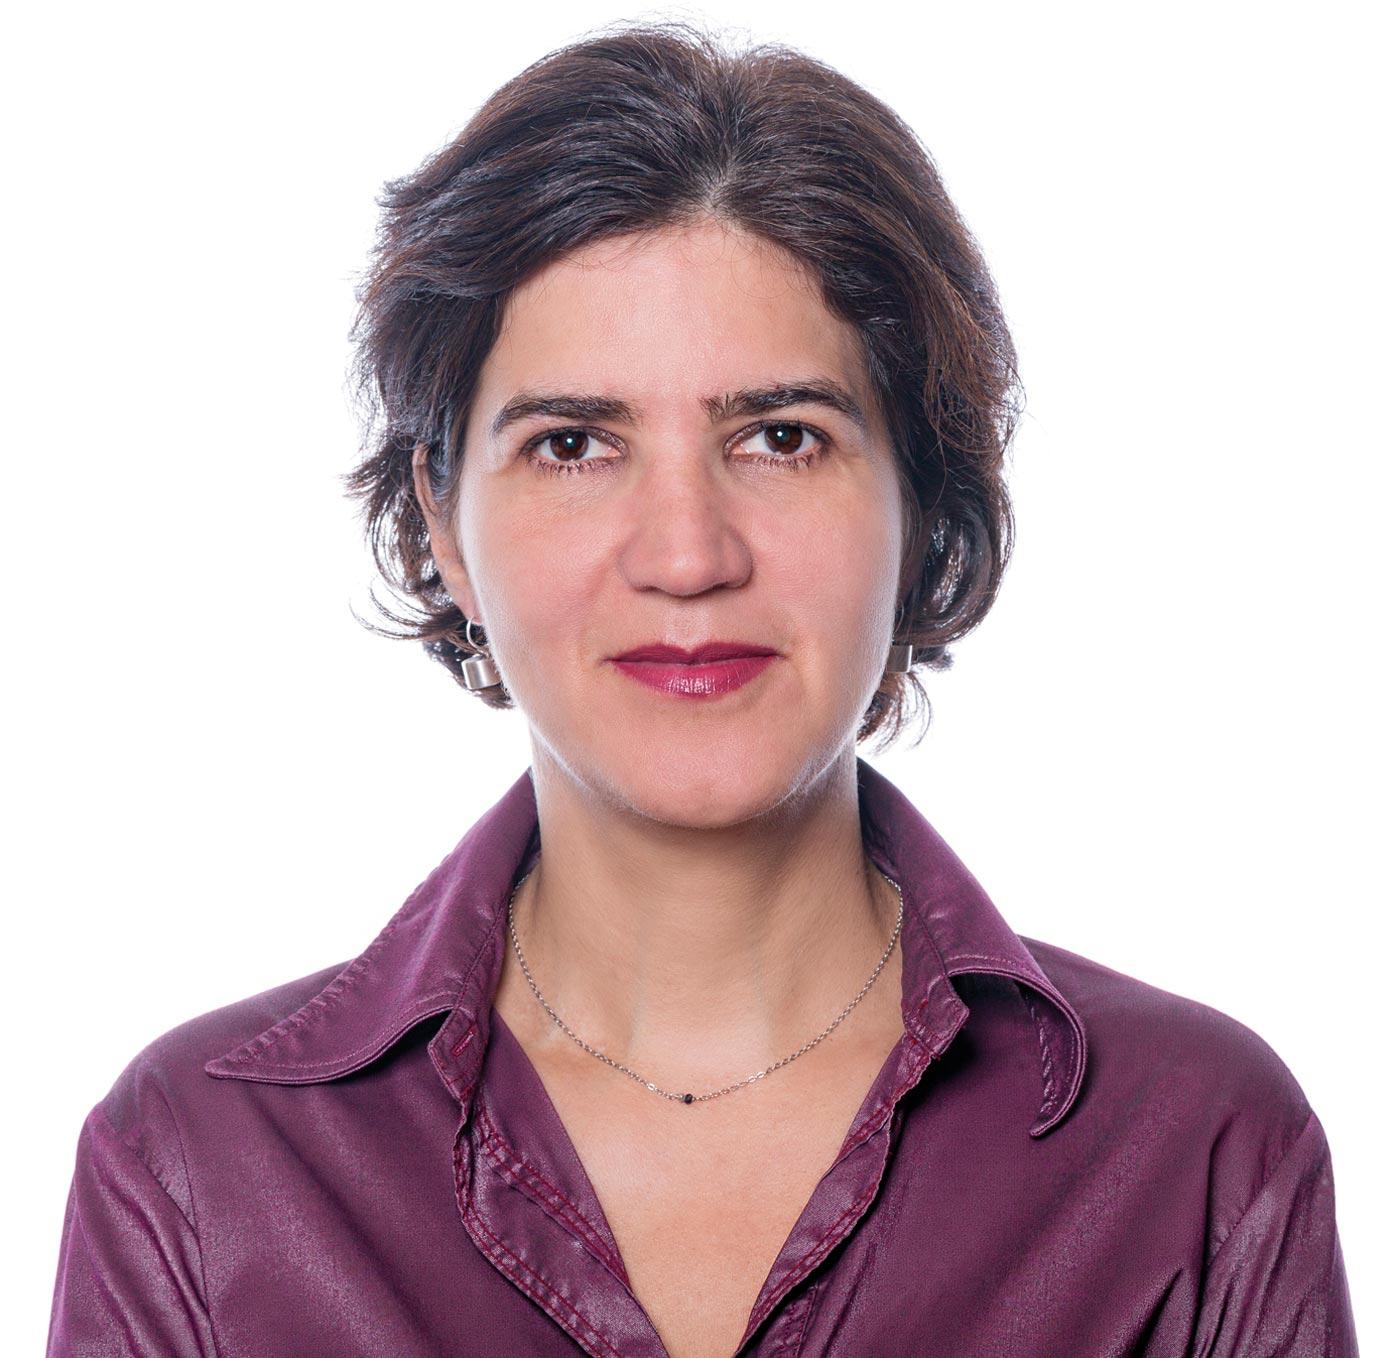 Catrin-Ramirez-Portrait